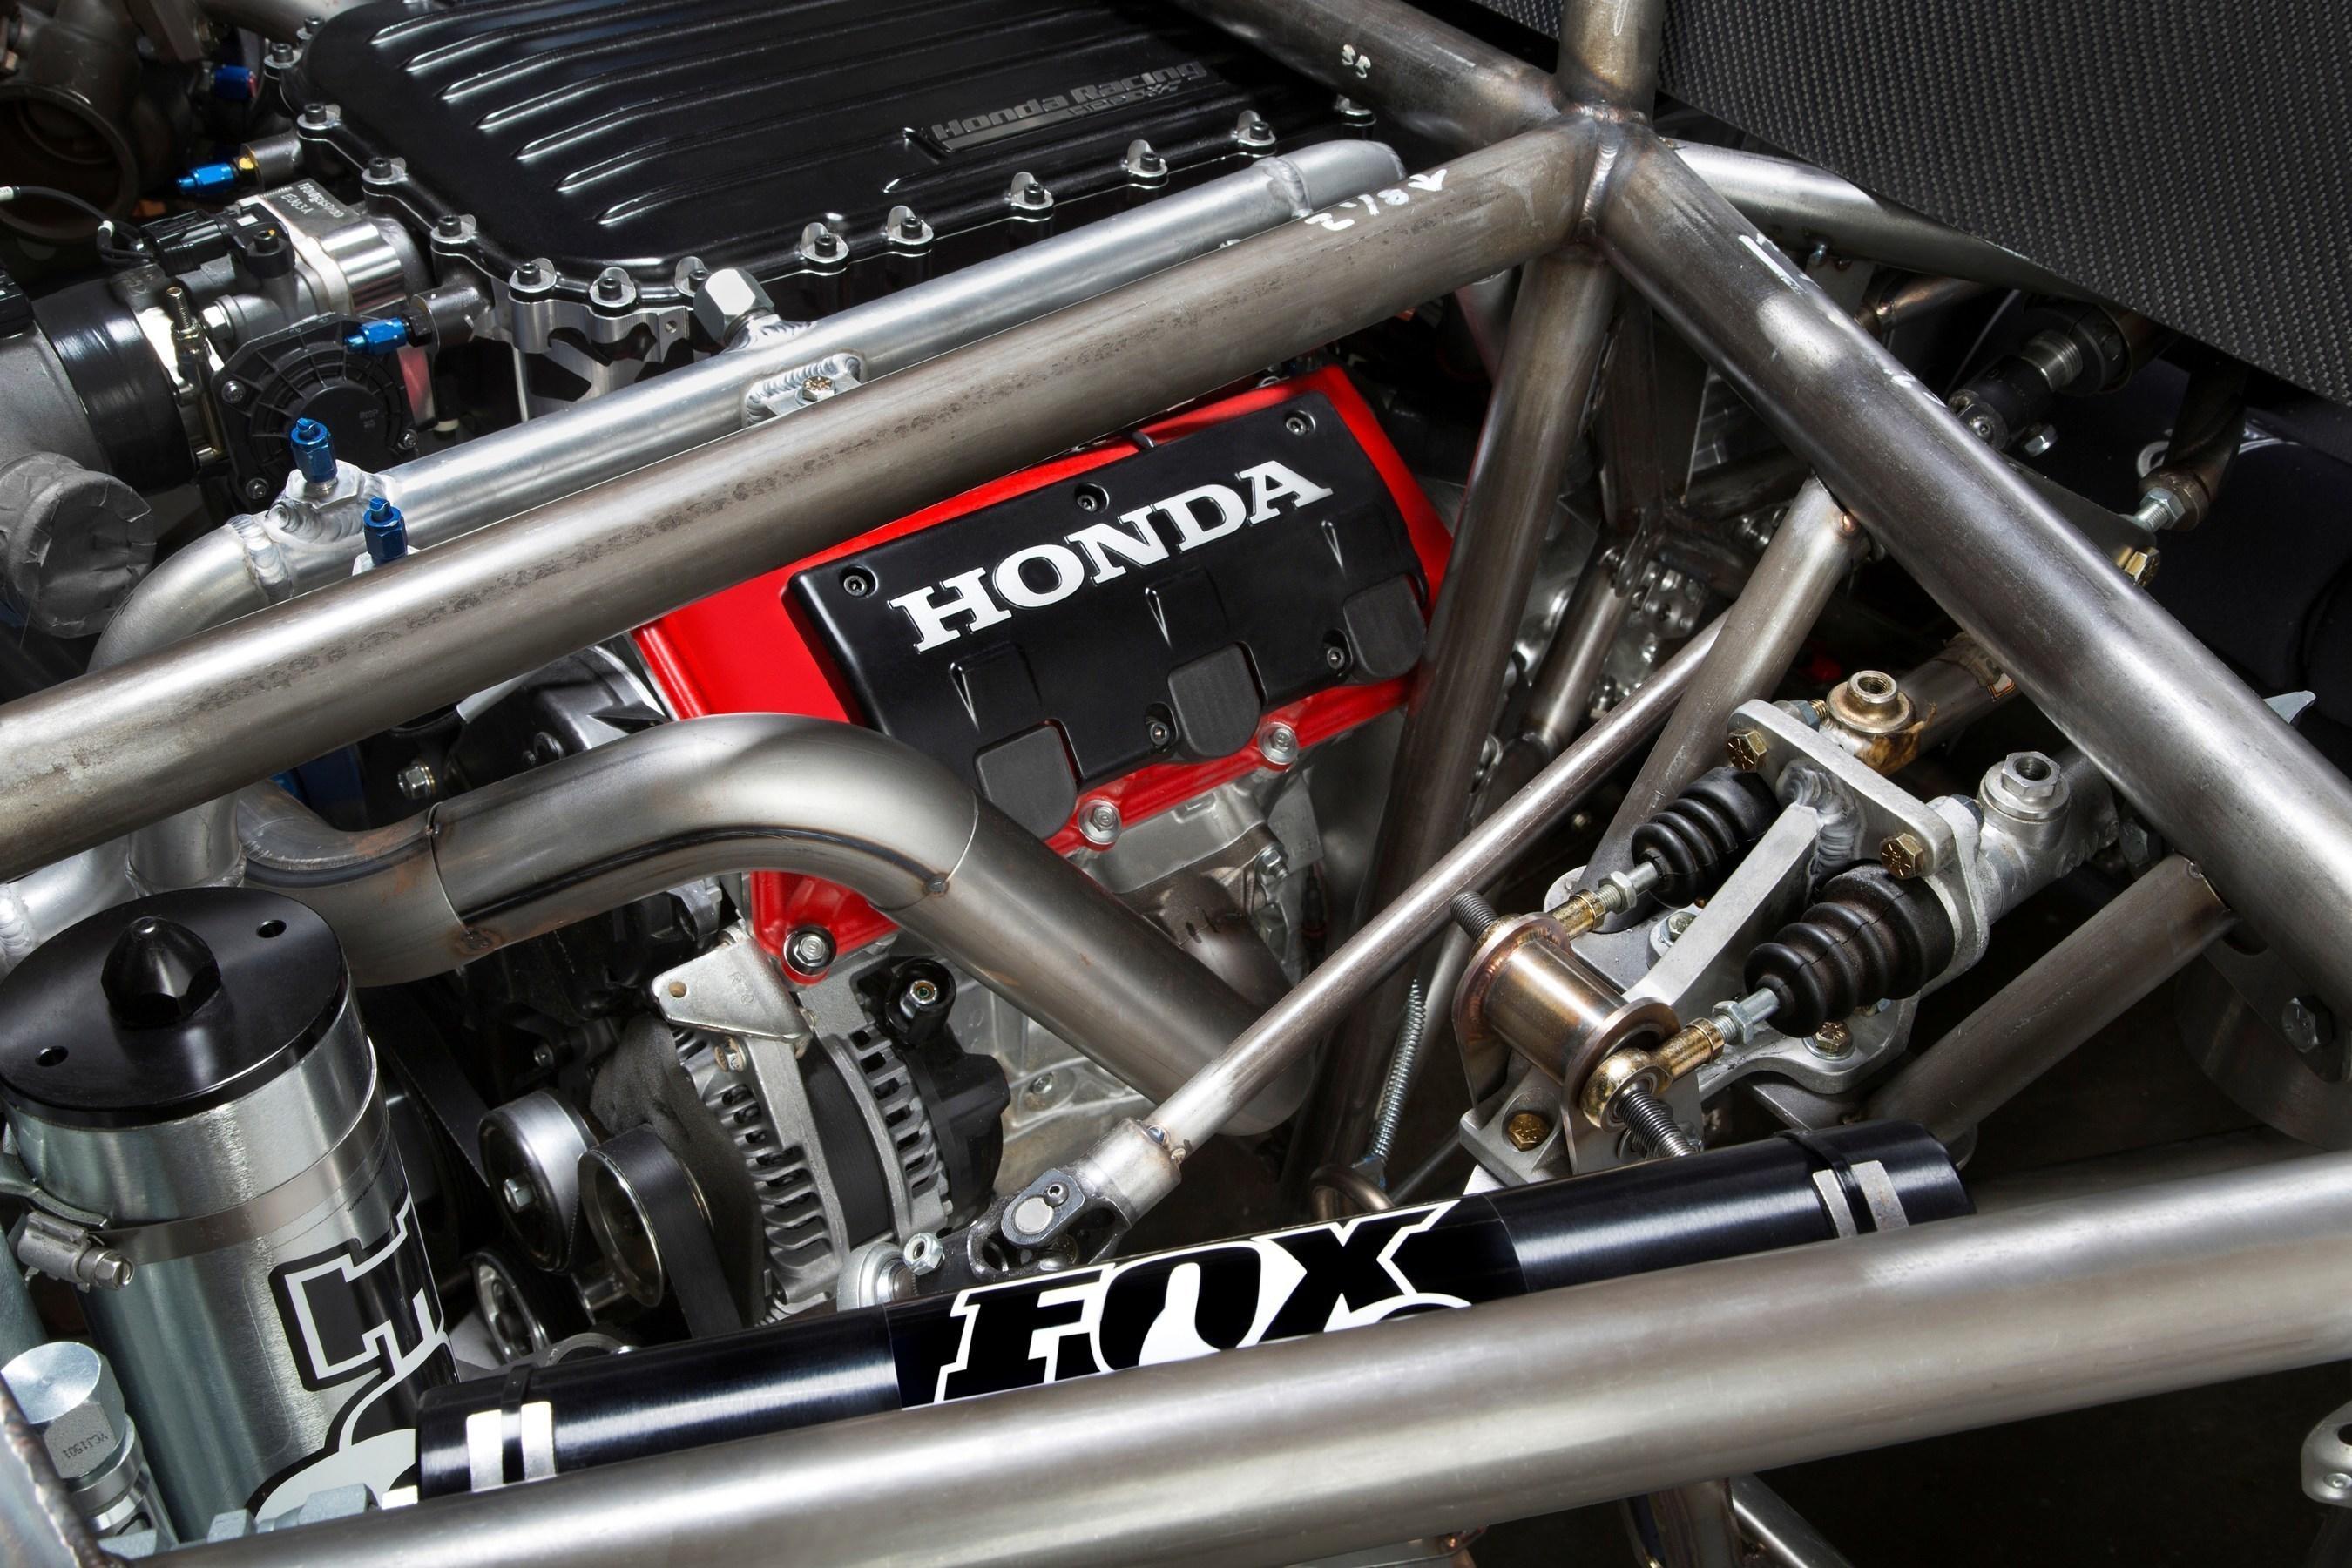 Honda anuncia iniciativa de carreras fuera de pista de fabricantes con tecnología de HPD, la